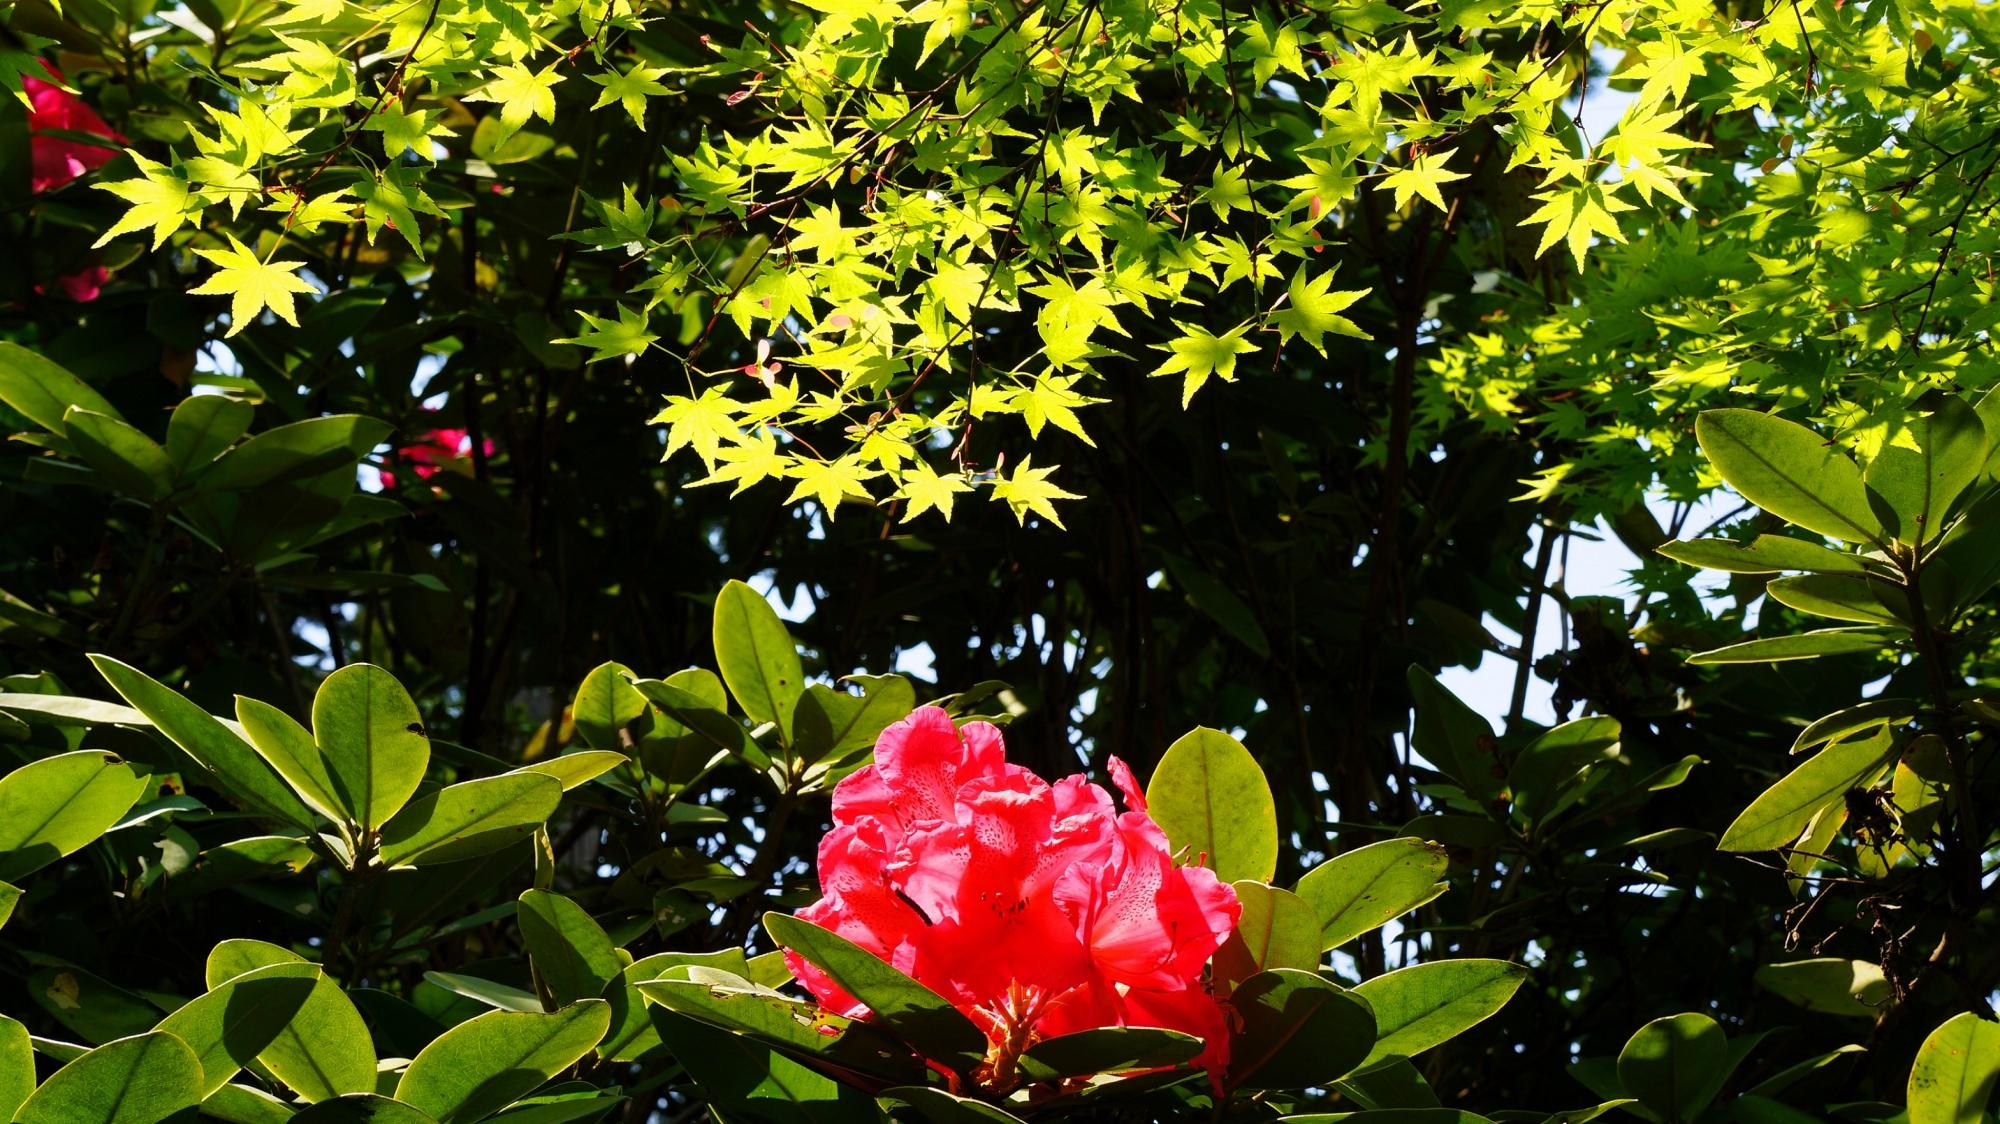 三室戸寺の眩い新緑の下で咲く真っ赤な石楠花